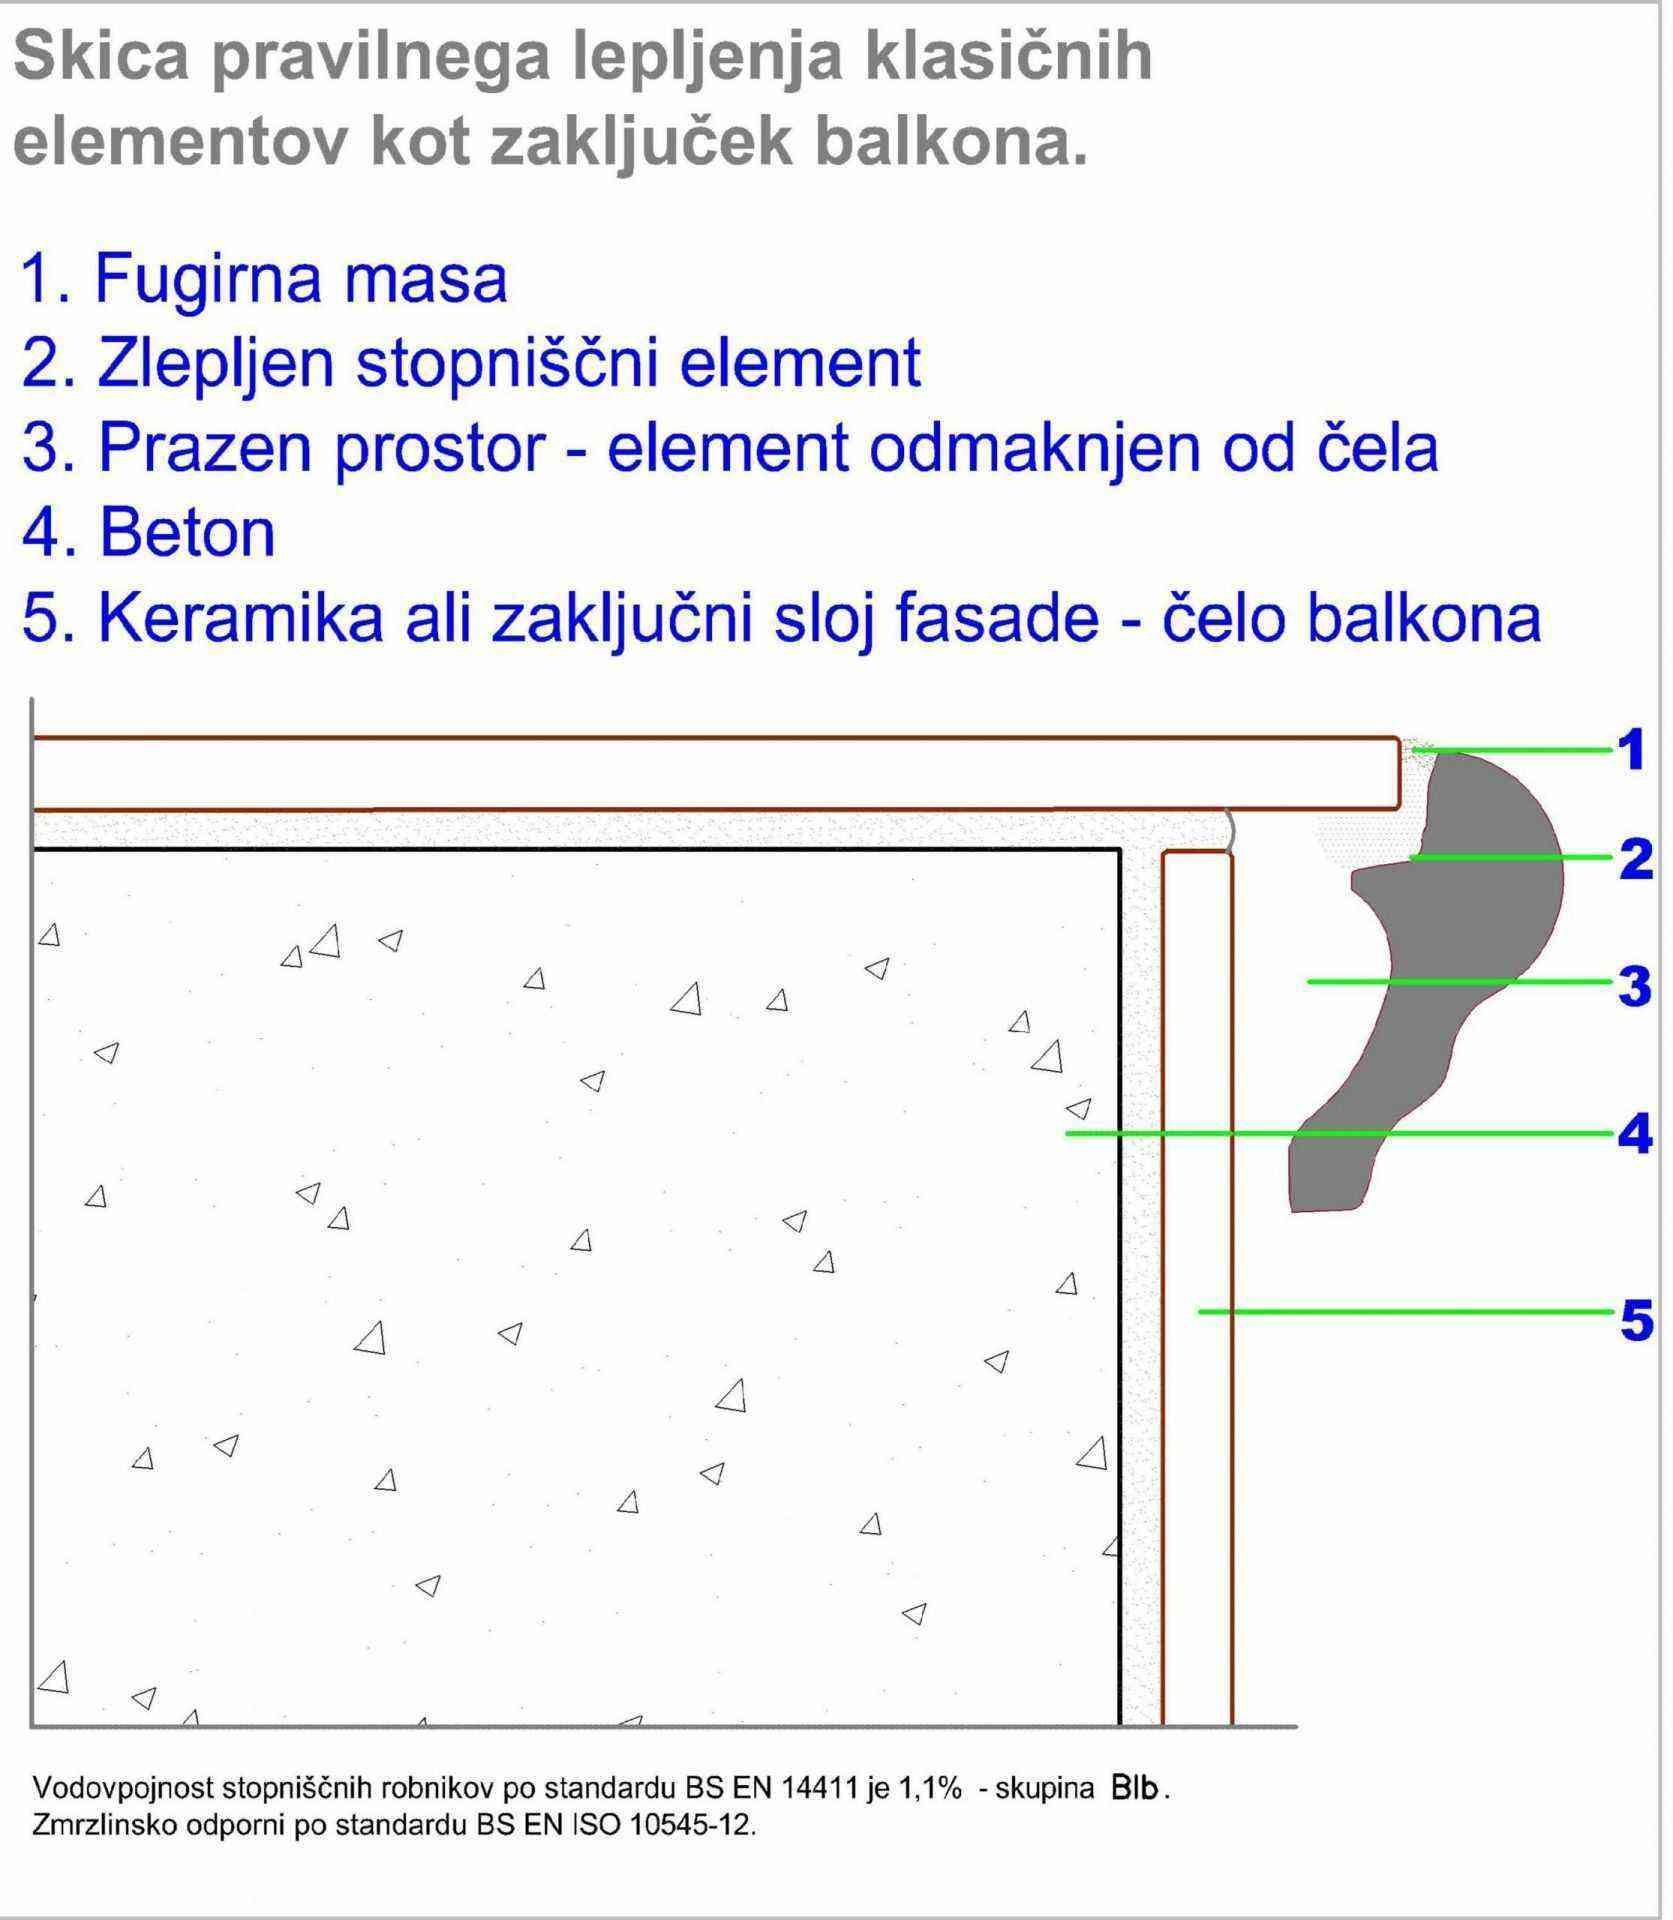 navodila za vgradnjo KST balkon